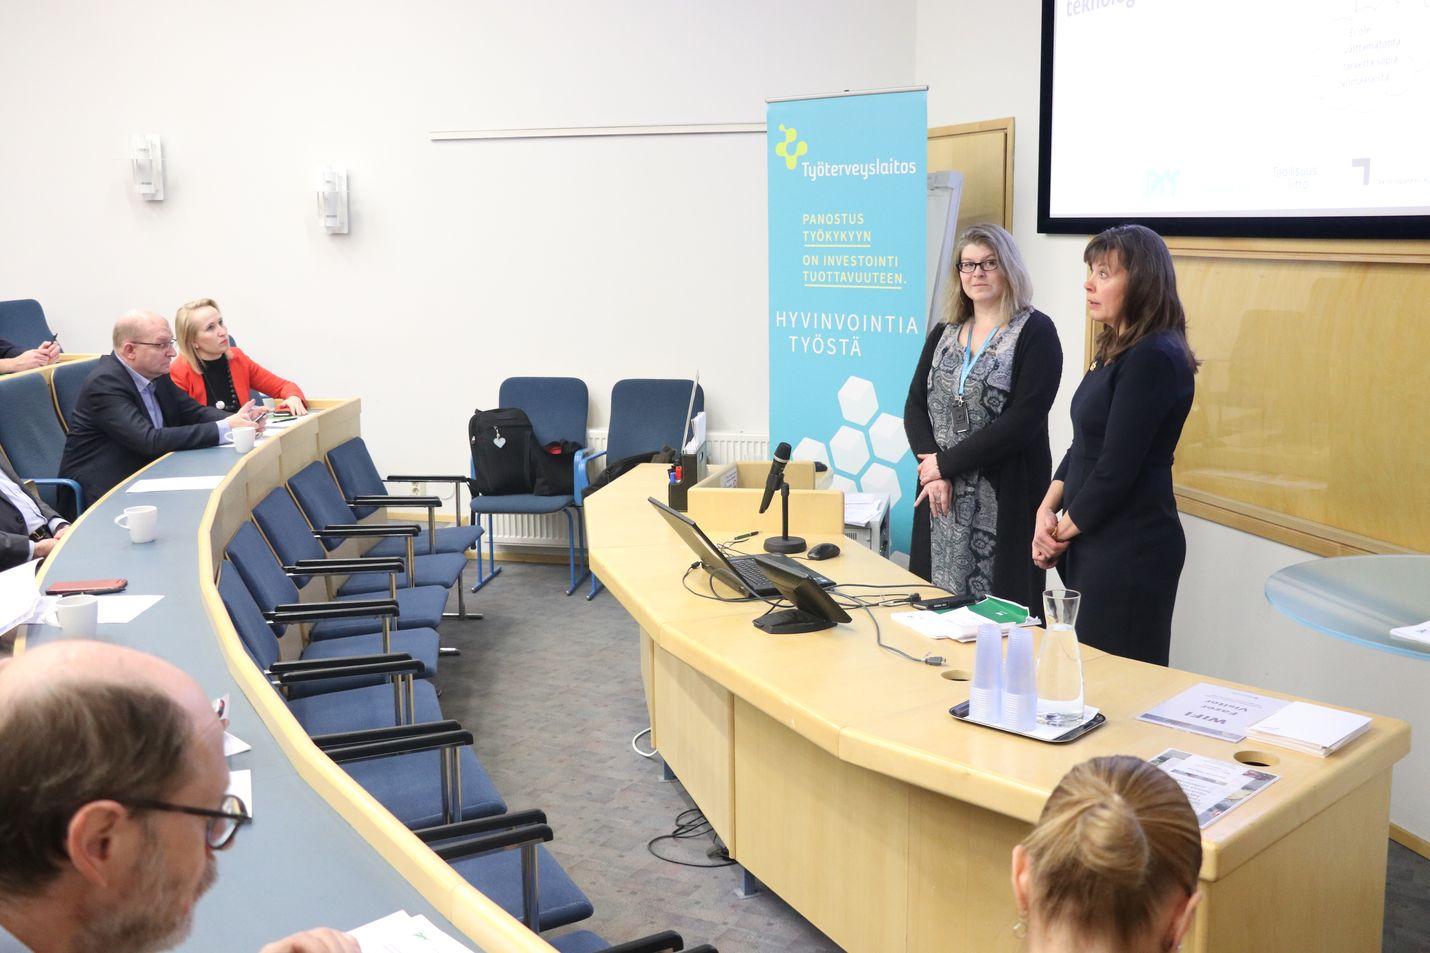 Tutkijat Kirsi Timonen ja Raija Heimonen (edessä oikealla) kertoivat keskiviikkona, etteivät kaikki yritykset ole vielä valmiita paikalliseen sopimiseen. Kuulemassa olivat takana vasemalla muun muassa Minna Helle ja Riku Aalto.